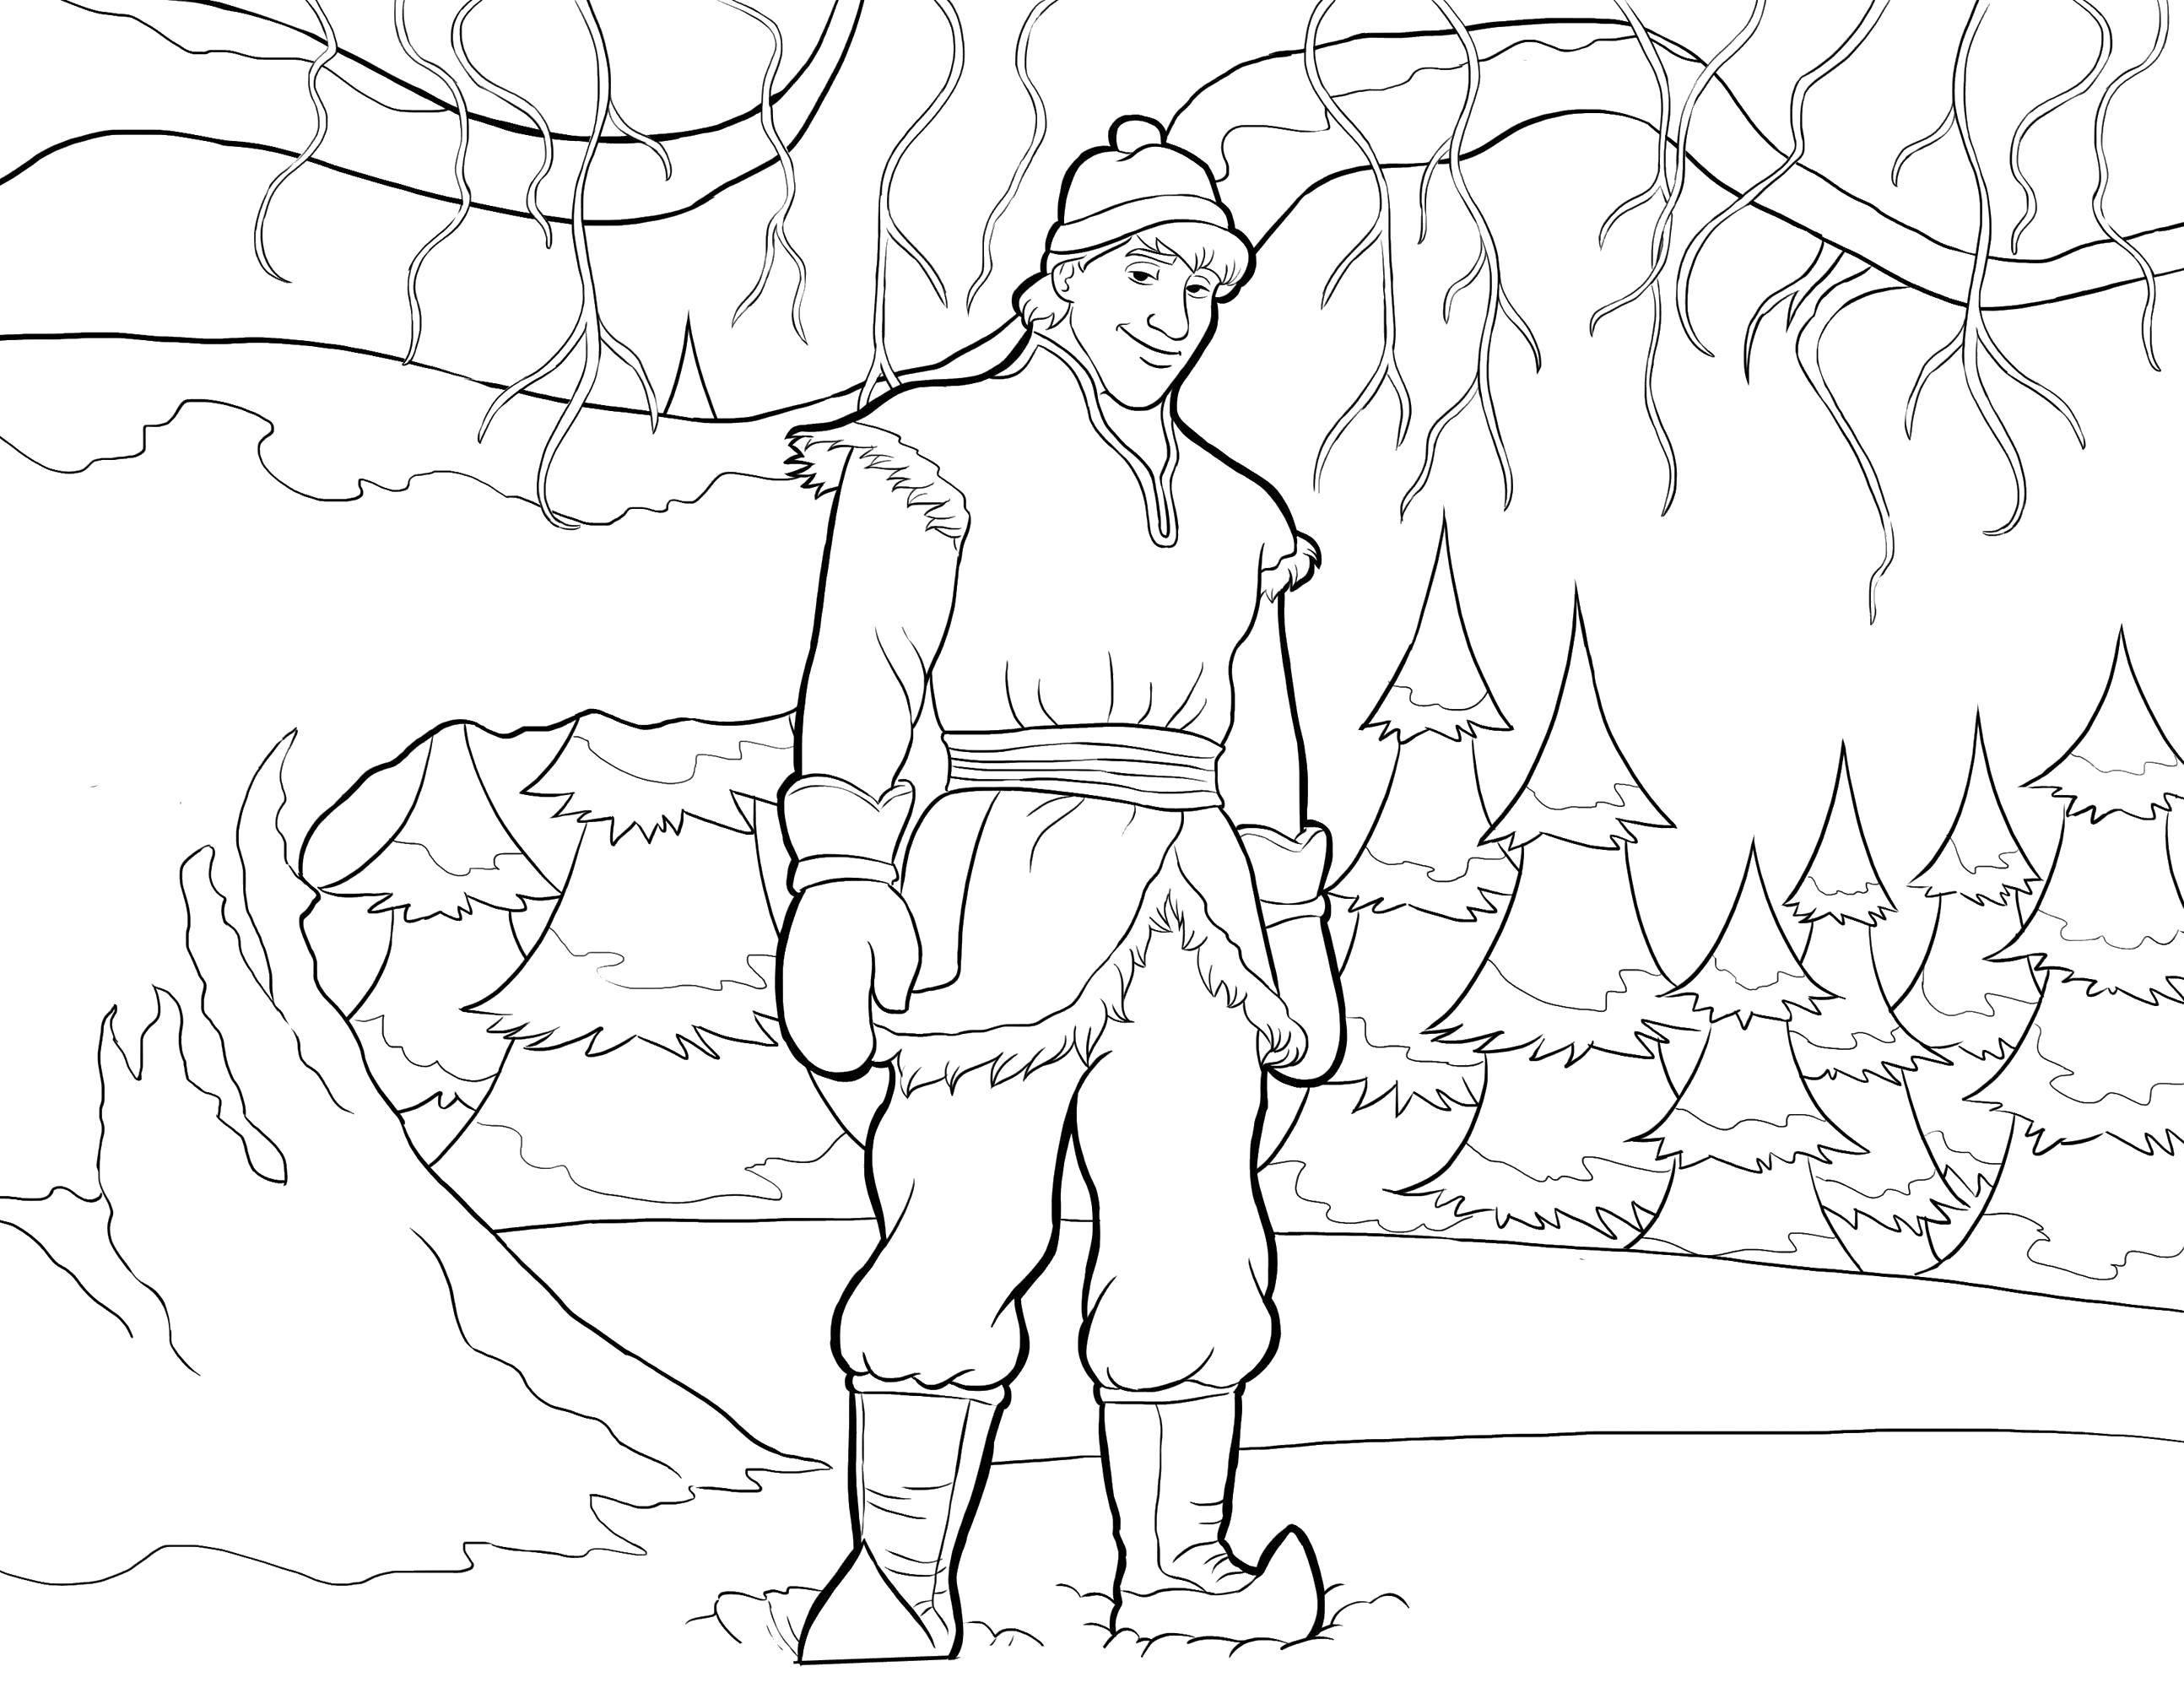 Раскраска Персонаж из мультфильма холодное сердце Скачать Дисней, Эльза, Холодное сердце, принцесса.  Распечатать ,раскраски холодное сердце,